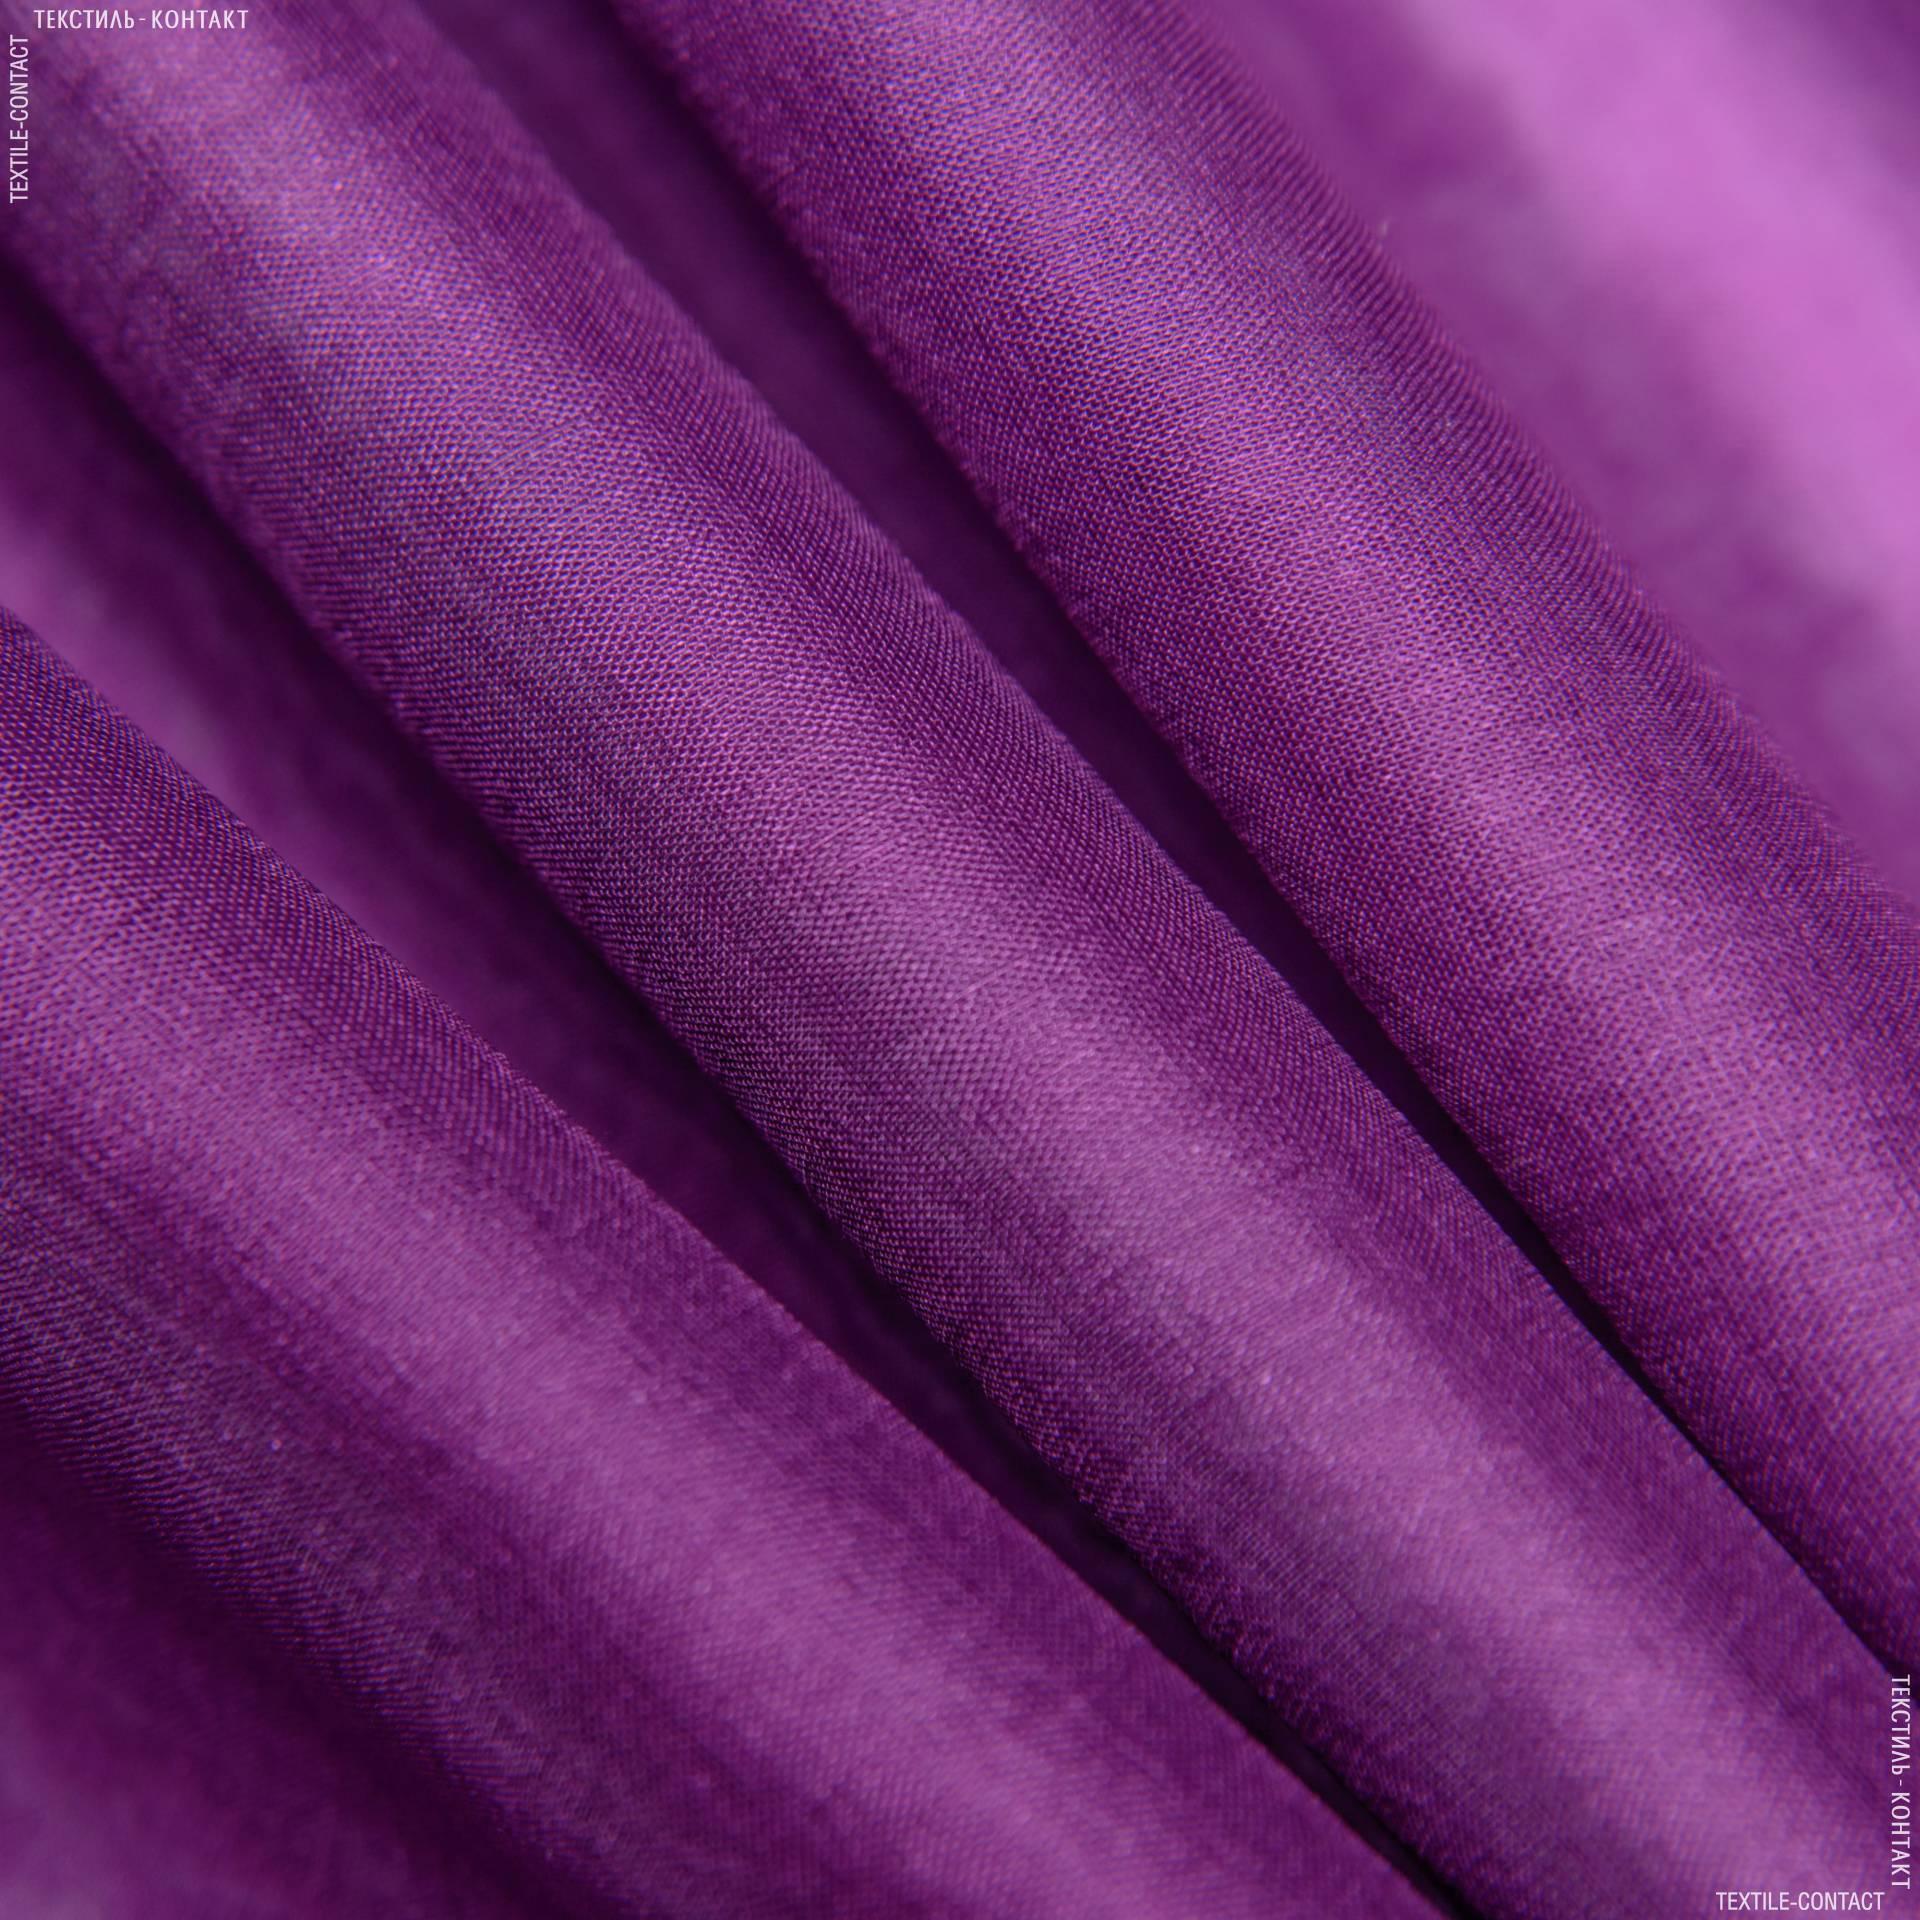 Купить натуральную ткань шифон шторный крючок с бегунком